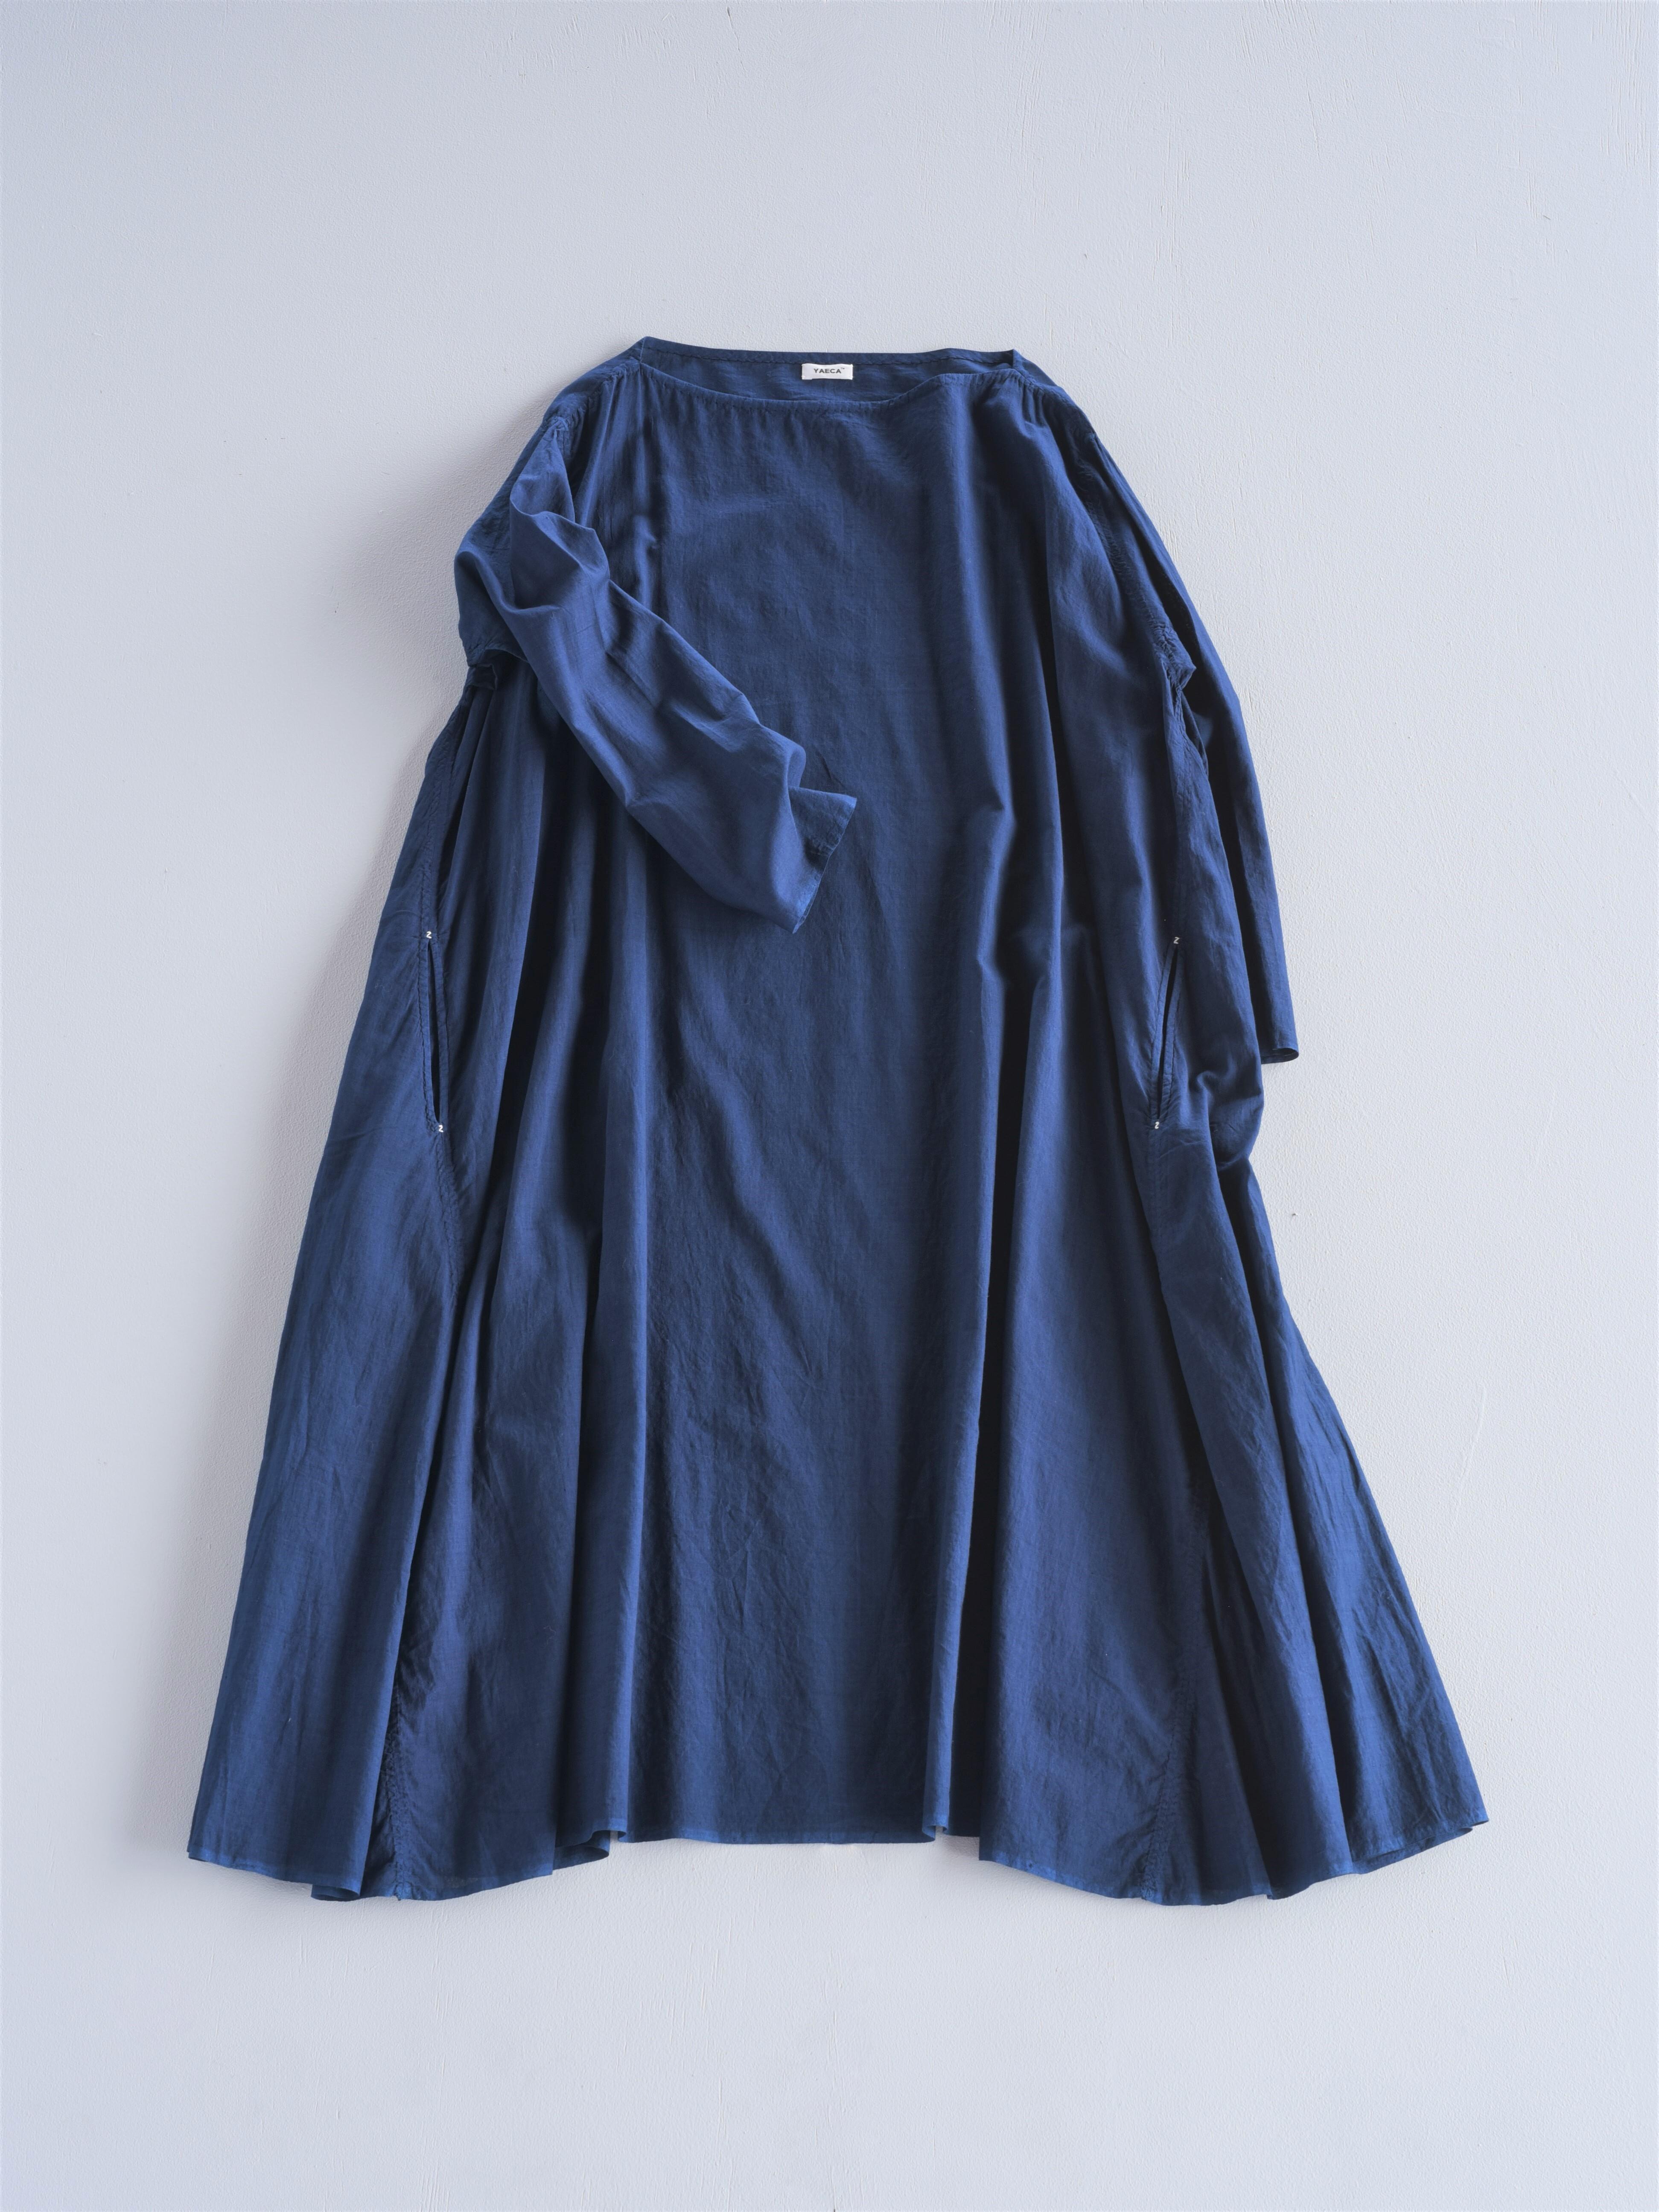 YAECA khadi フレアドレスmedium indigo 本藍